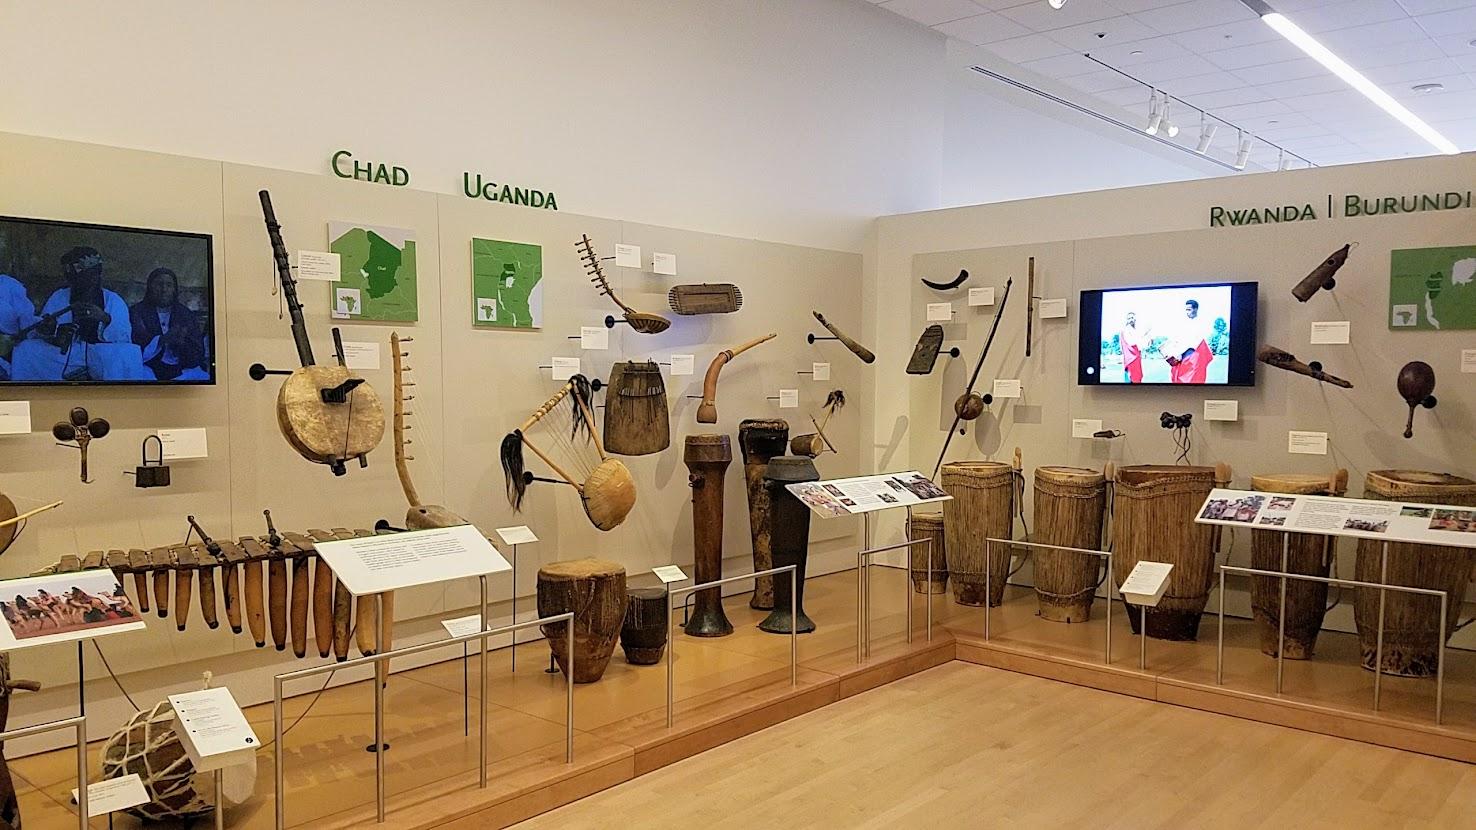 Music Instrument Museum (MIM) Geographic galleries, music instruments of Chad, Uganda, Rwanda